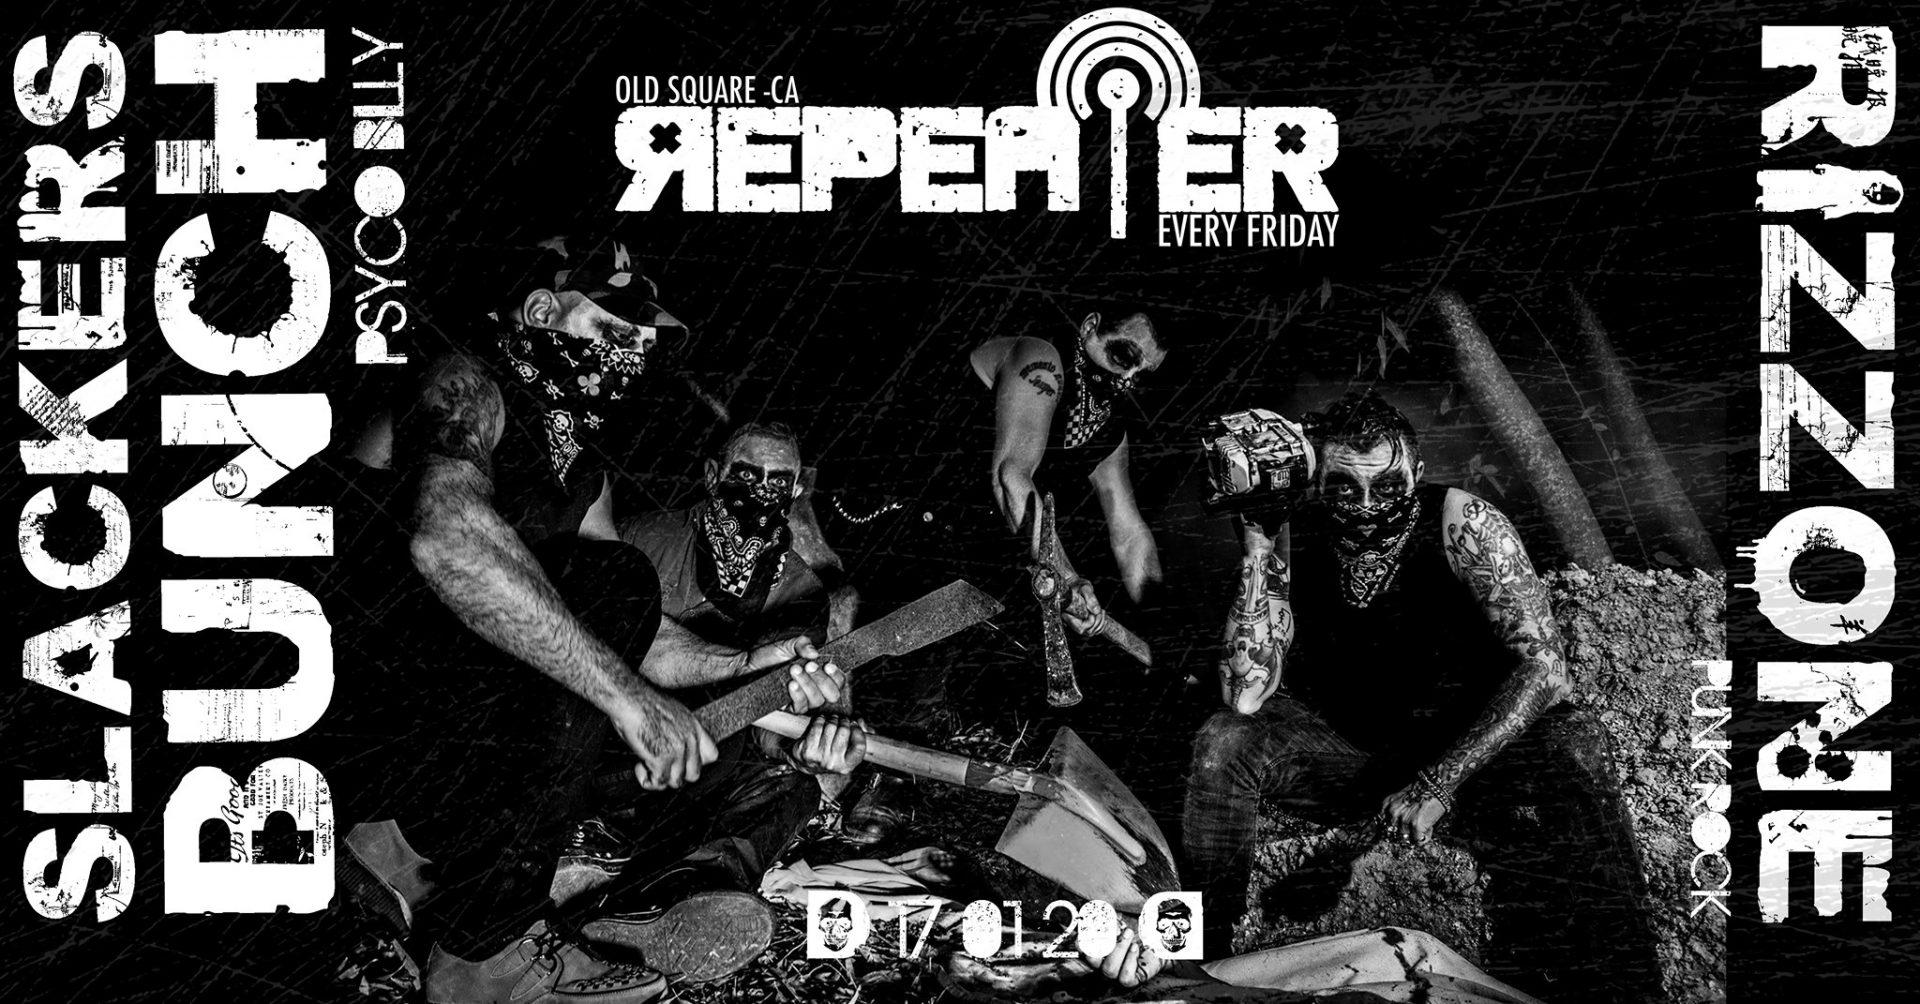 Repeater - Slackers Bunch - Old Square - Cagliari - 17 gennaio 2020 - eventi - 2020 - Sa Scena Sarda